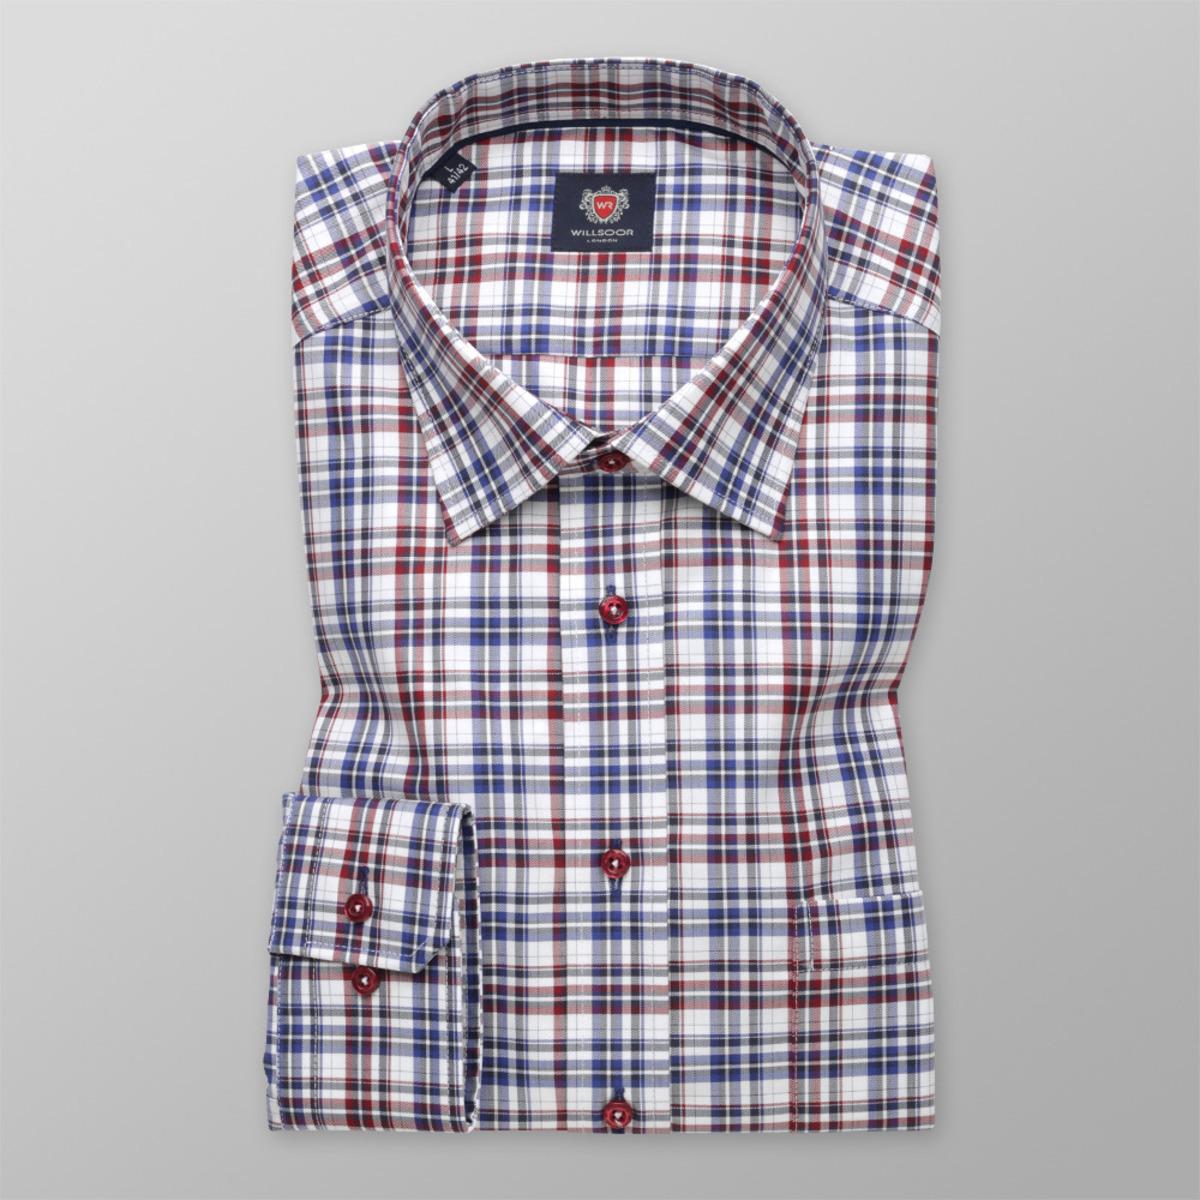 Pánska košeľa London (výška 176 - 182) 9611 Slim Fit kockovaná 176-182 / L (41/42)